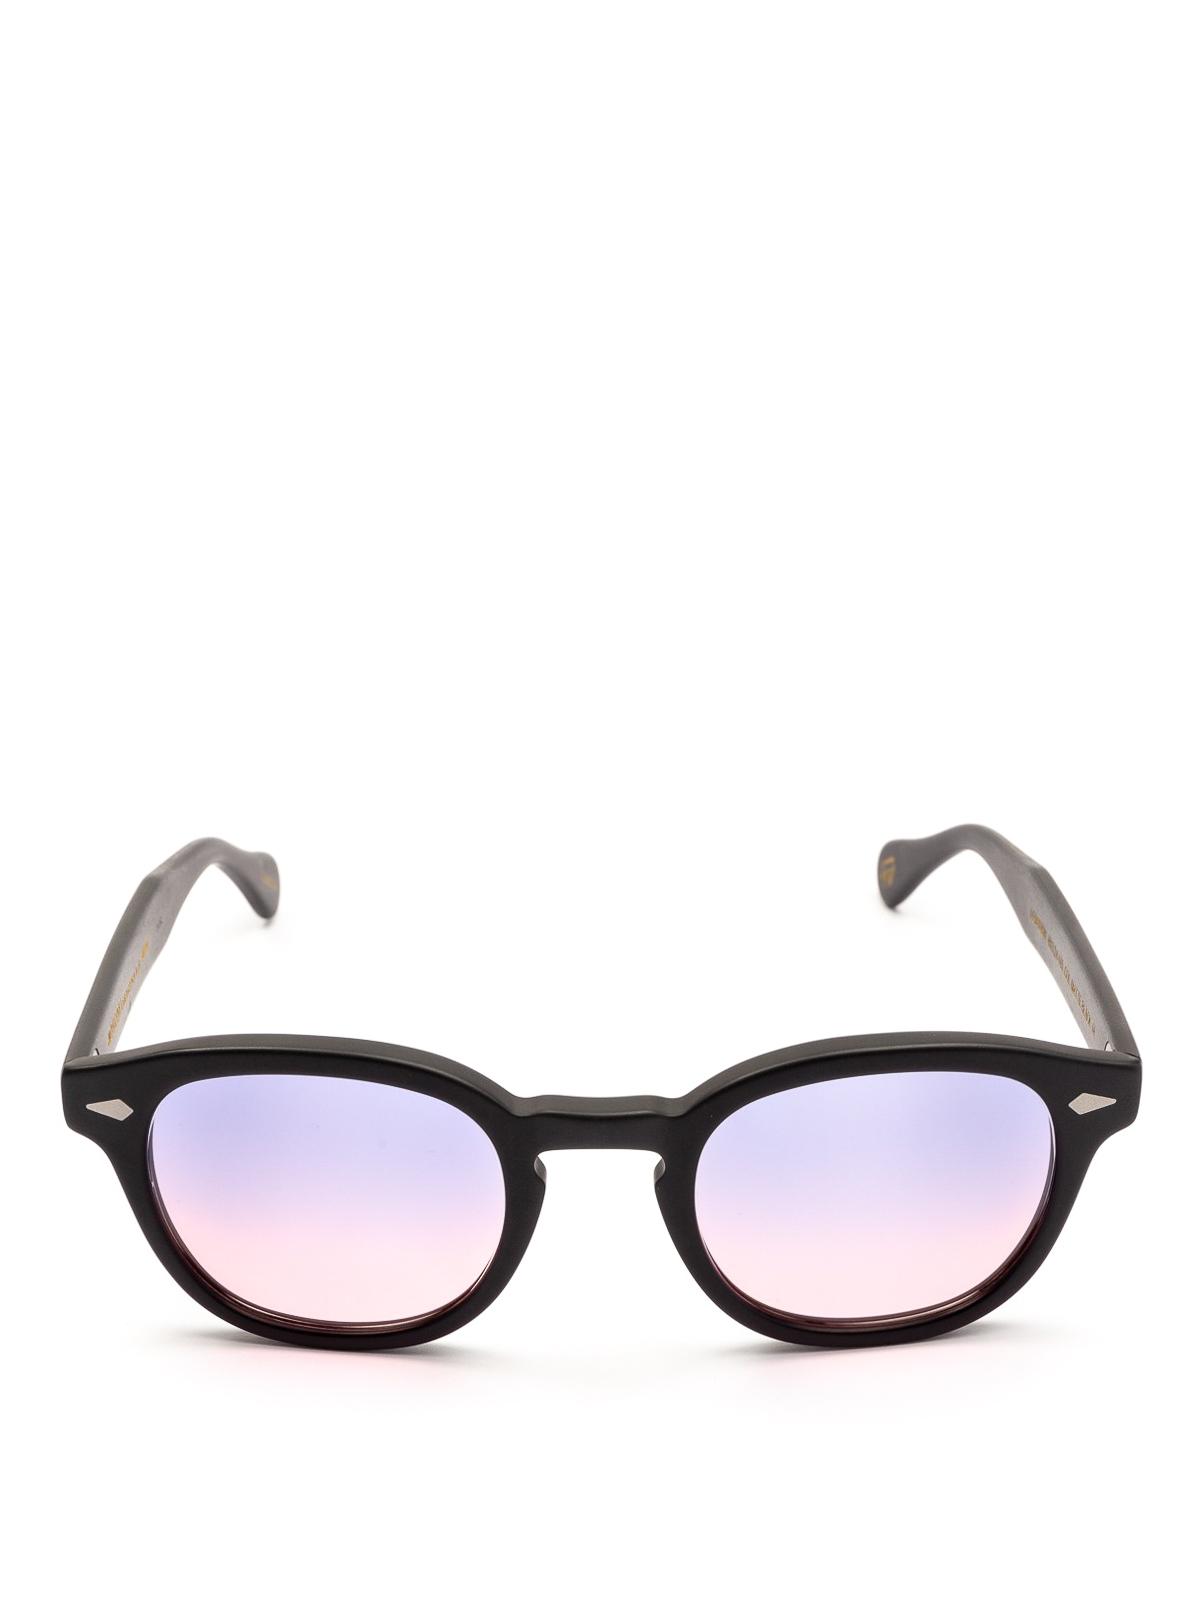 580d3c24593 Purple Moscot Online Matte Sunglasses Lens Pink Lemtosh zrwrCq